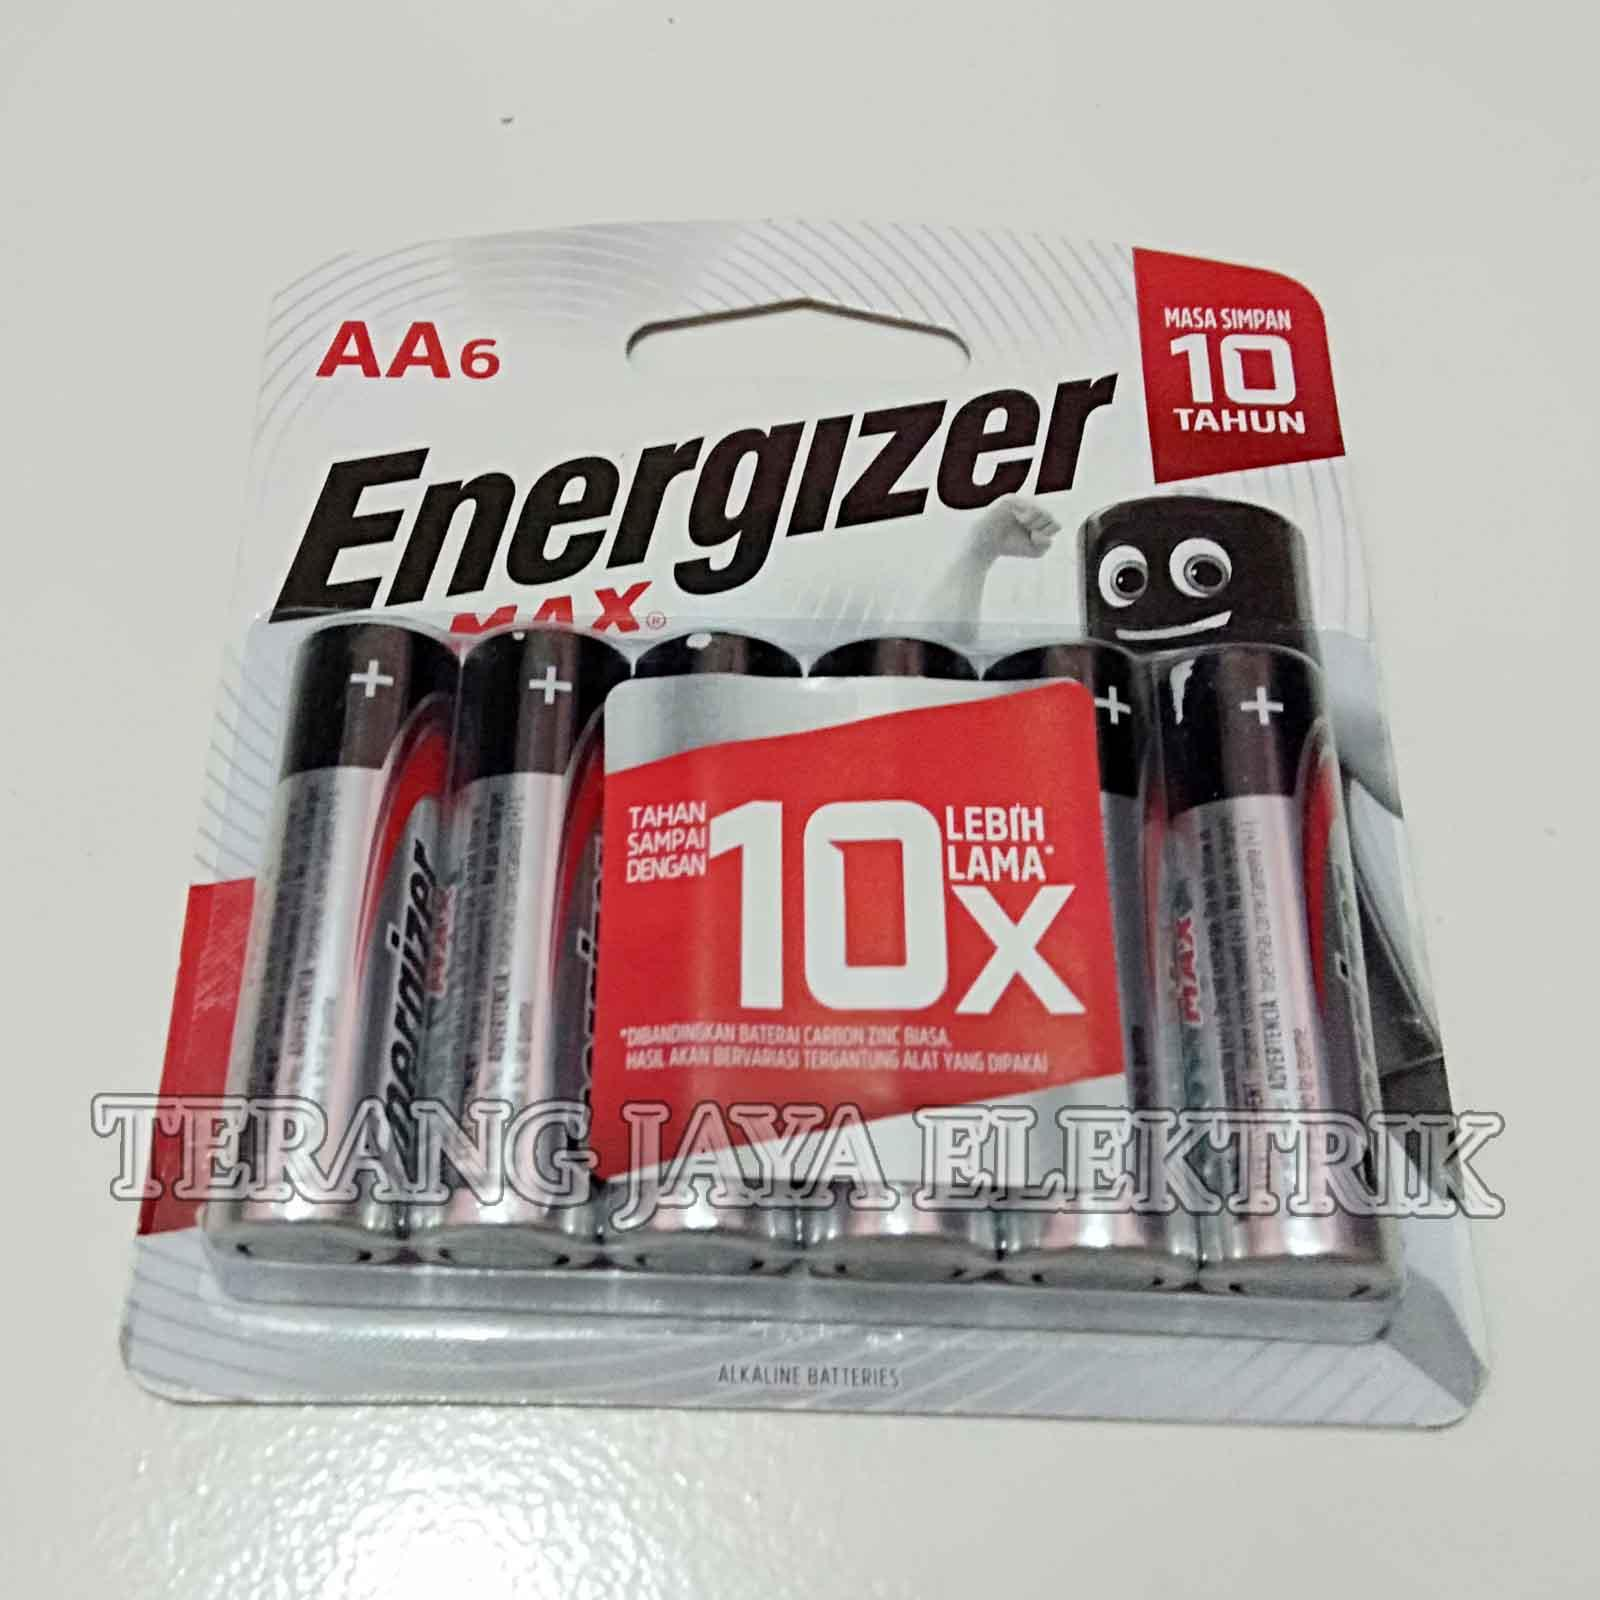 baterai aa / a2 15v energizer max isi 6pcs – sni